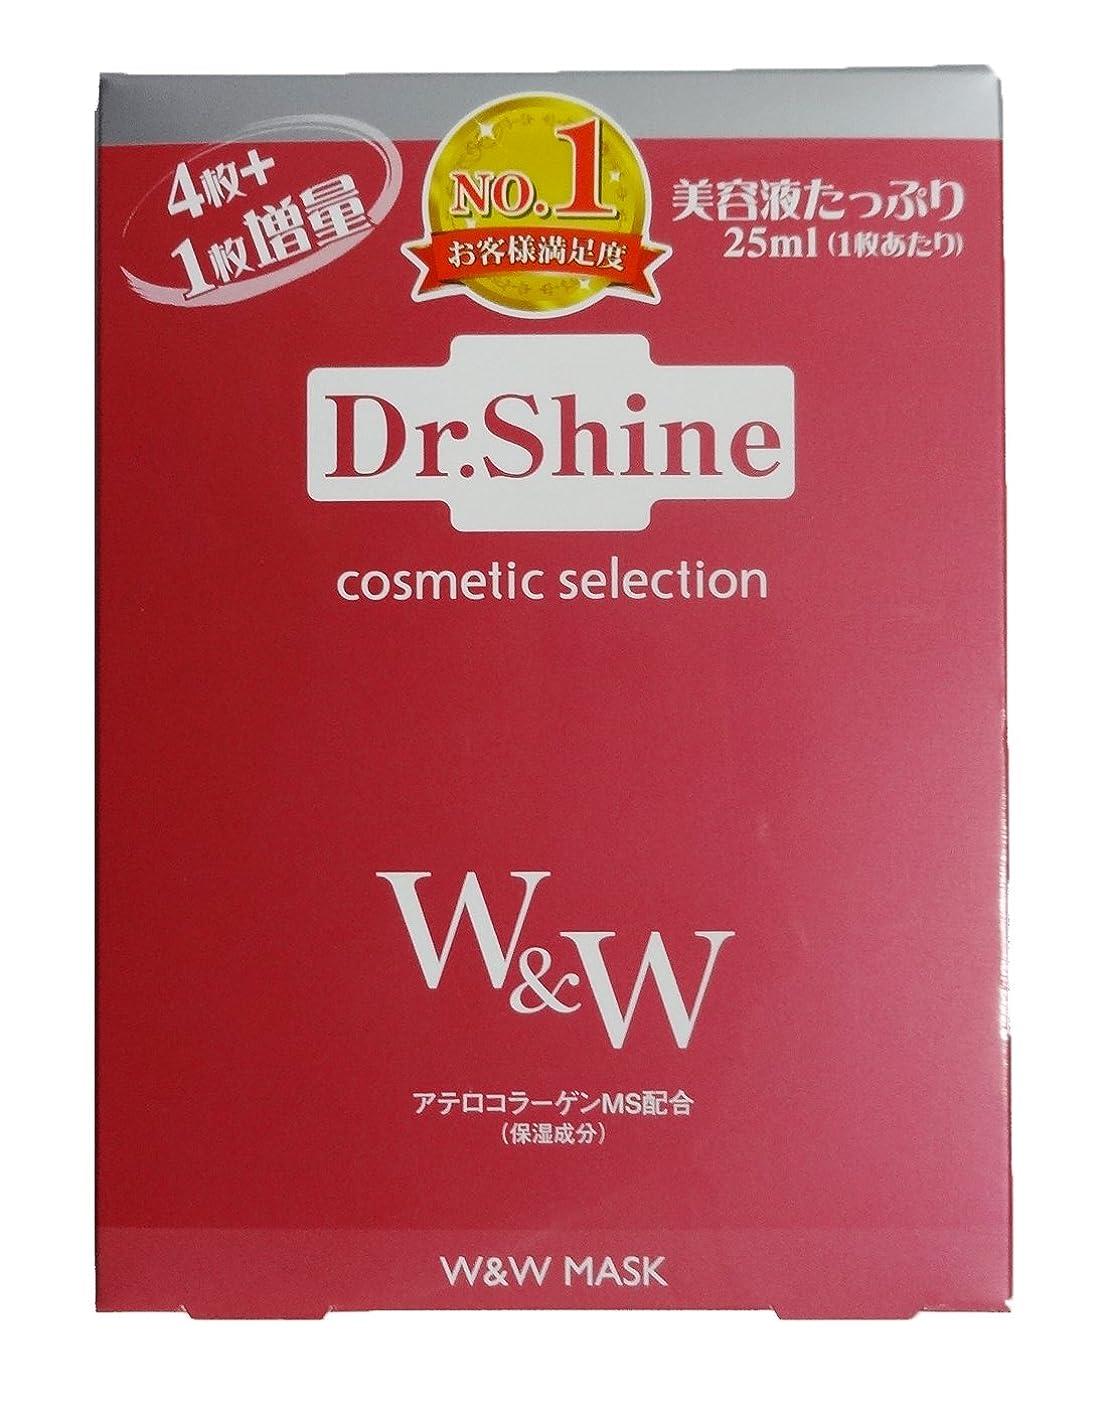 ゲインセイ容量宇宙船Dr.Shine(ドクターシャイン) フェイスマスクW&W 5枚入